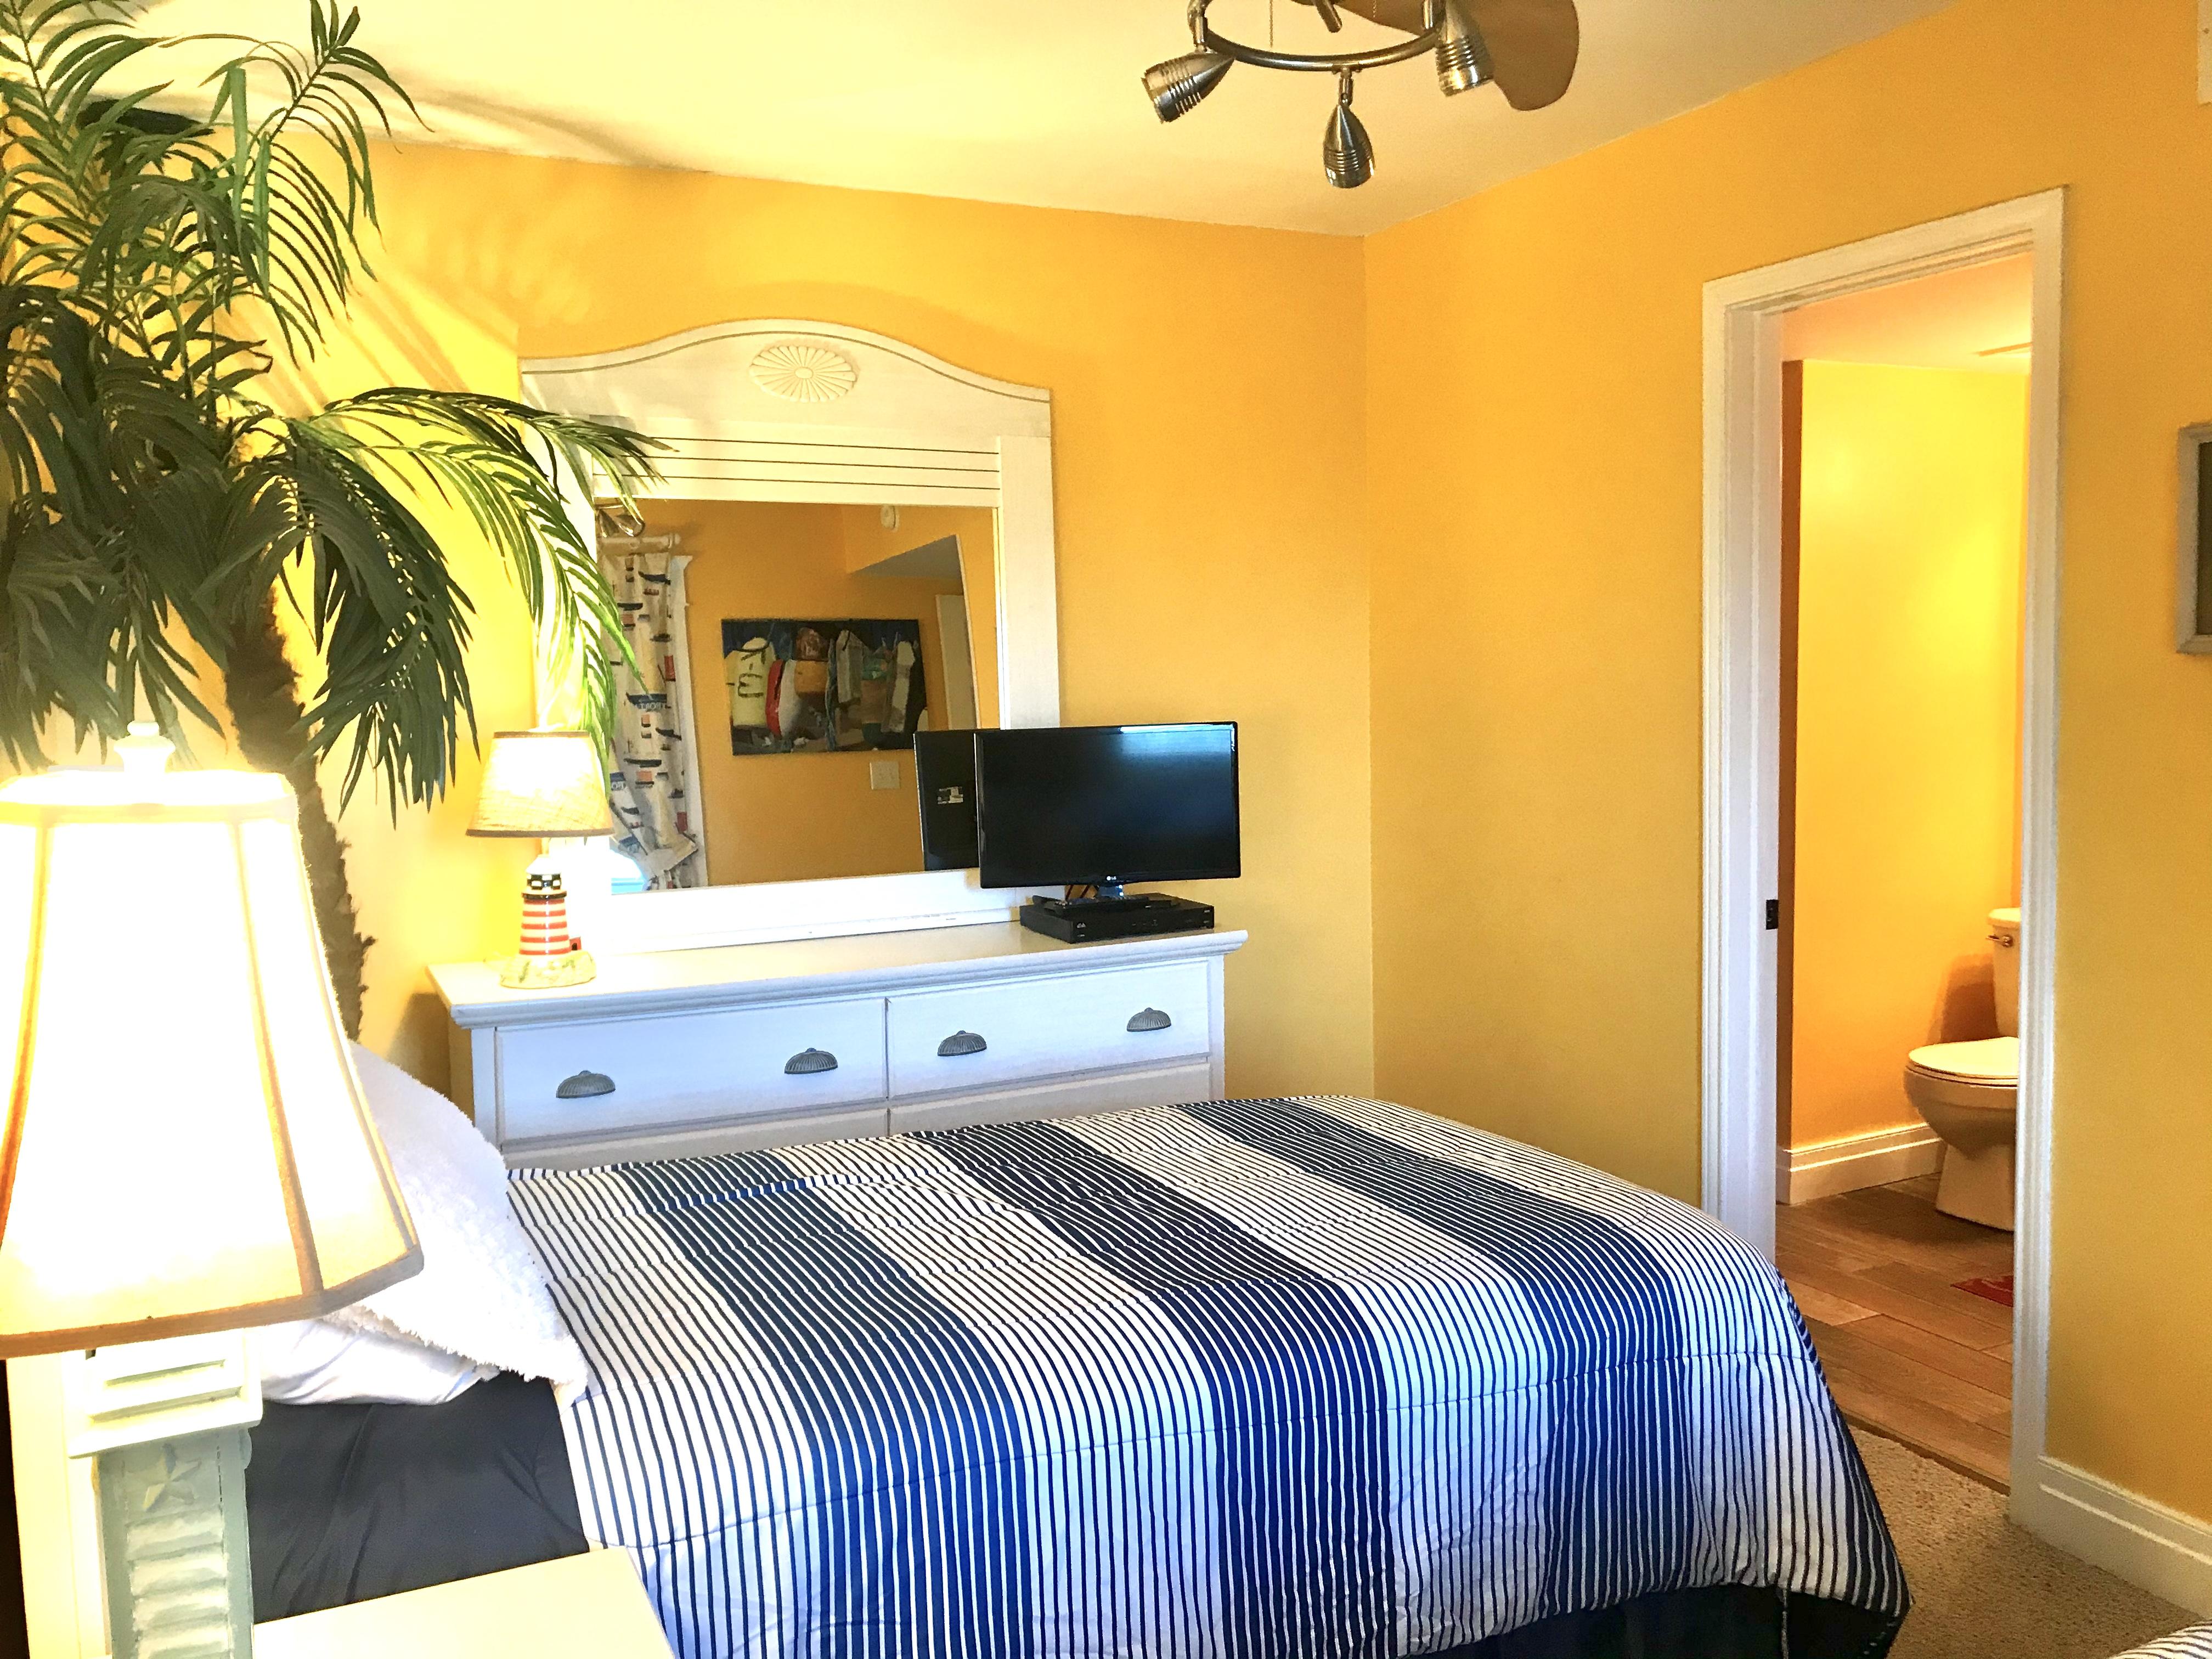 Ocean House 1303 Condo rental in Ocean House - Gulf Shores in Gulf Shores Alabama - #40